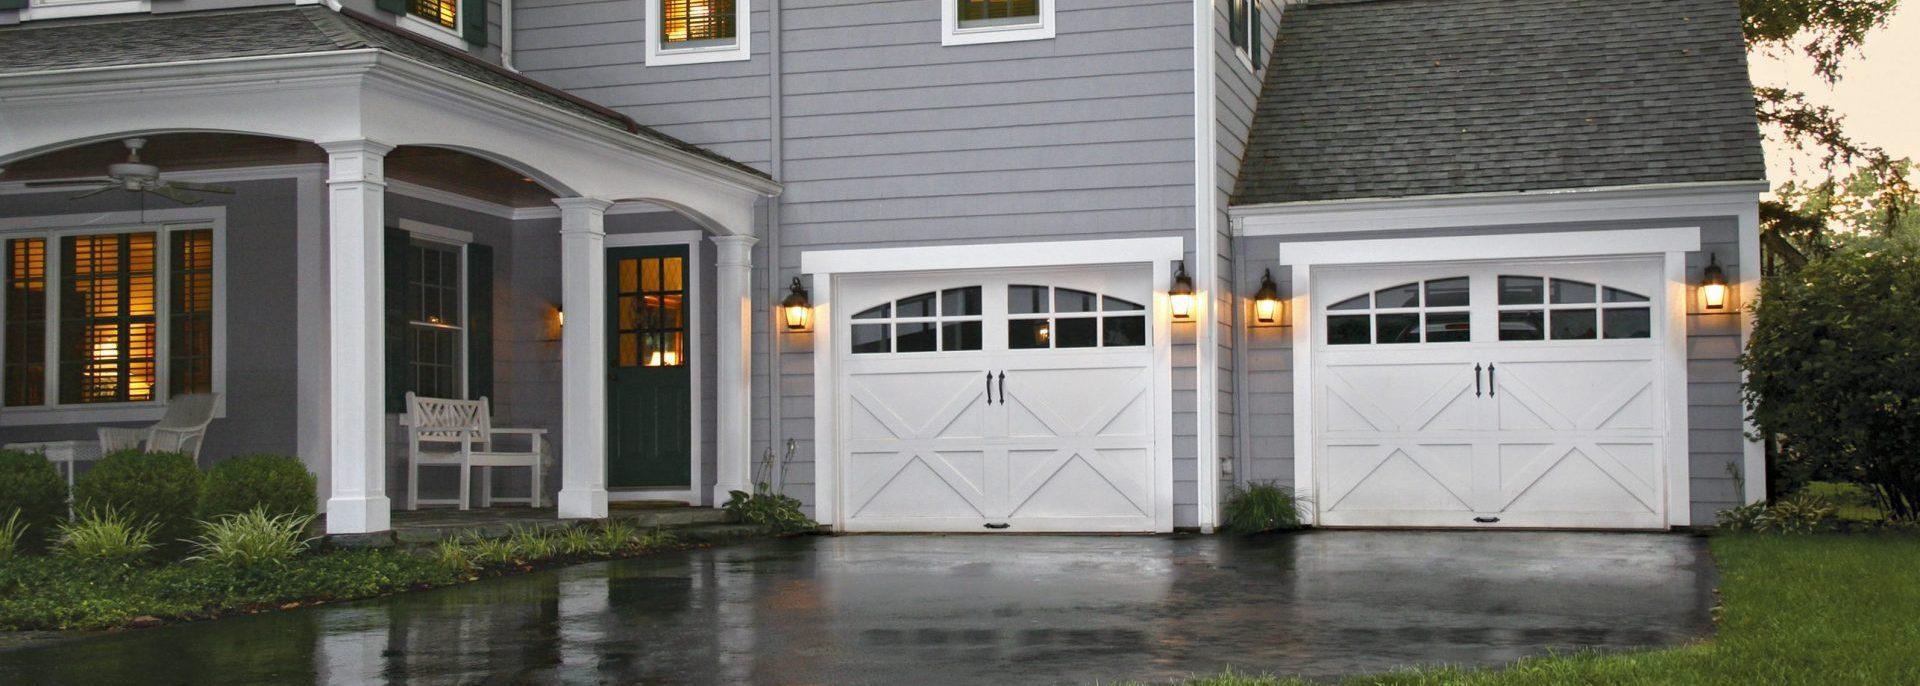 Salt Lake City garage doors